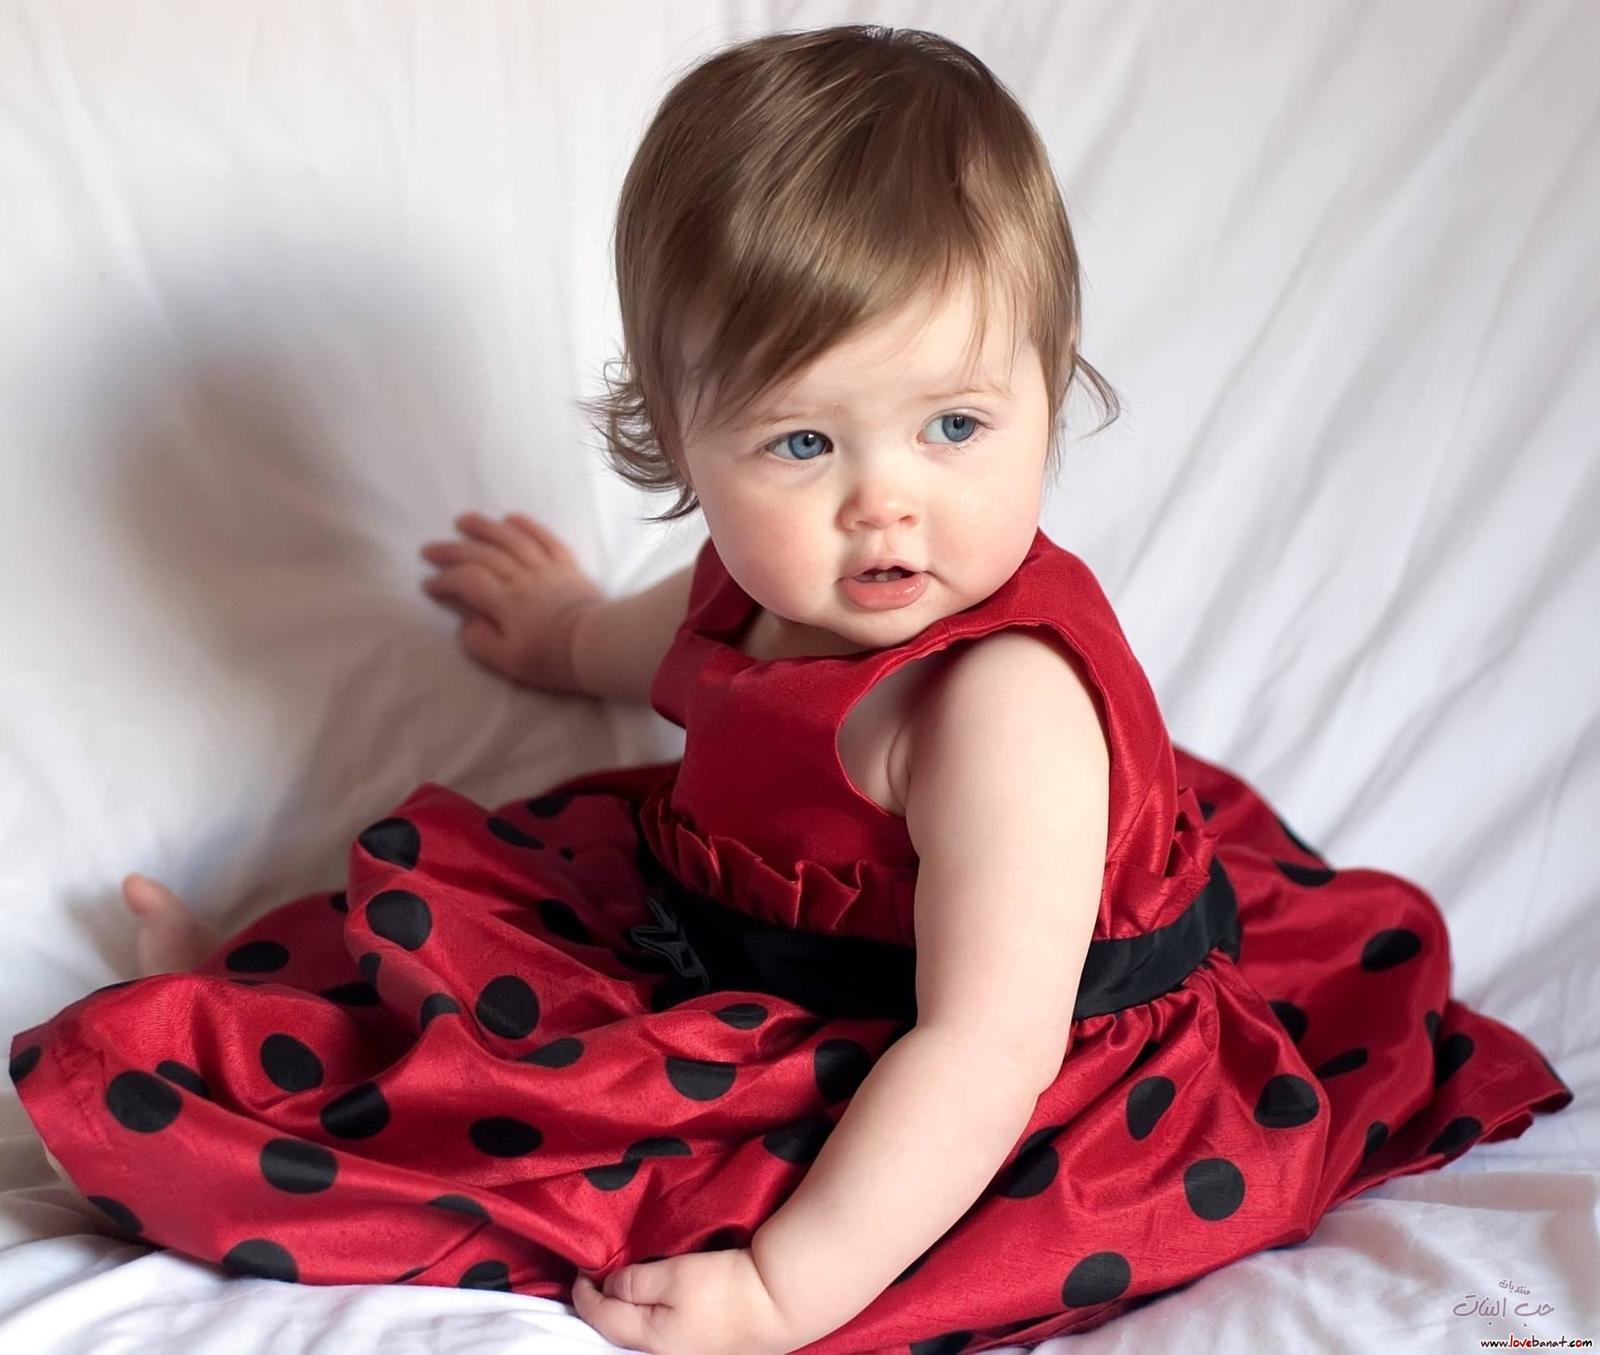 بالصور صو ر بنات جميله اطفال , صور اجمل بنات في العالم كله 11607 5